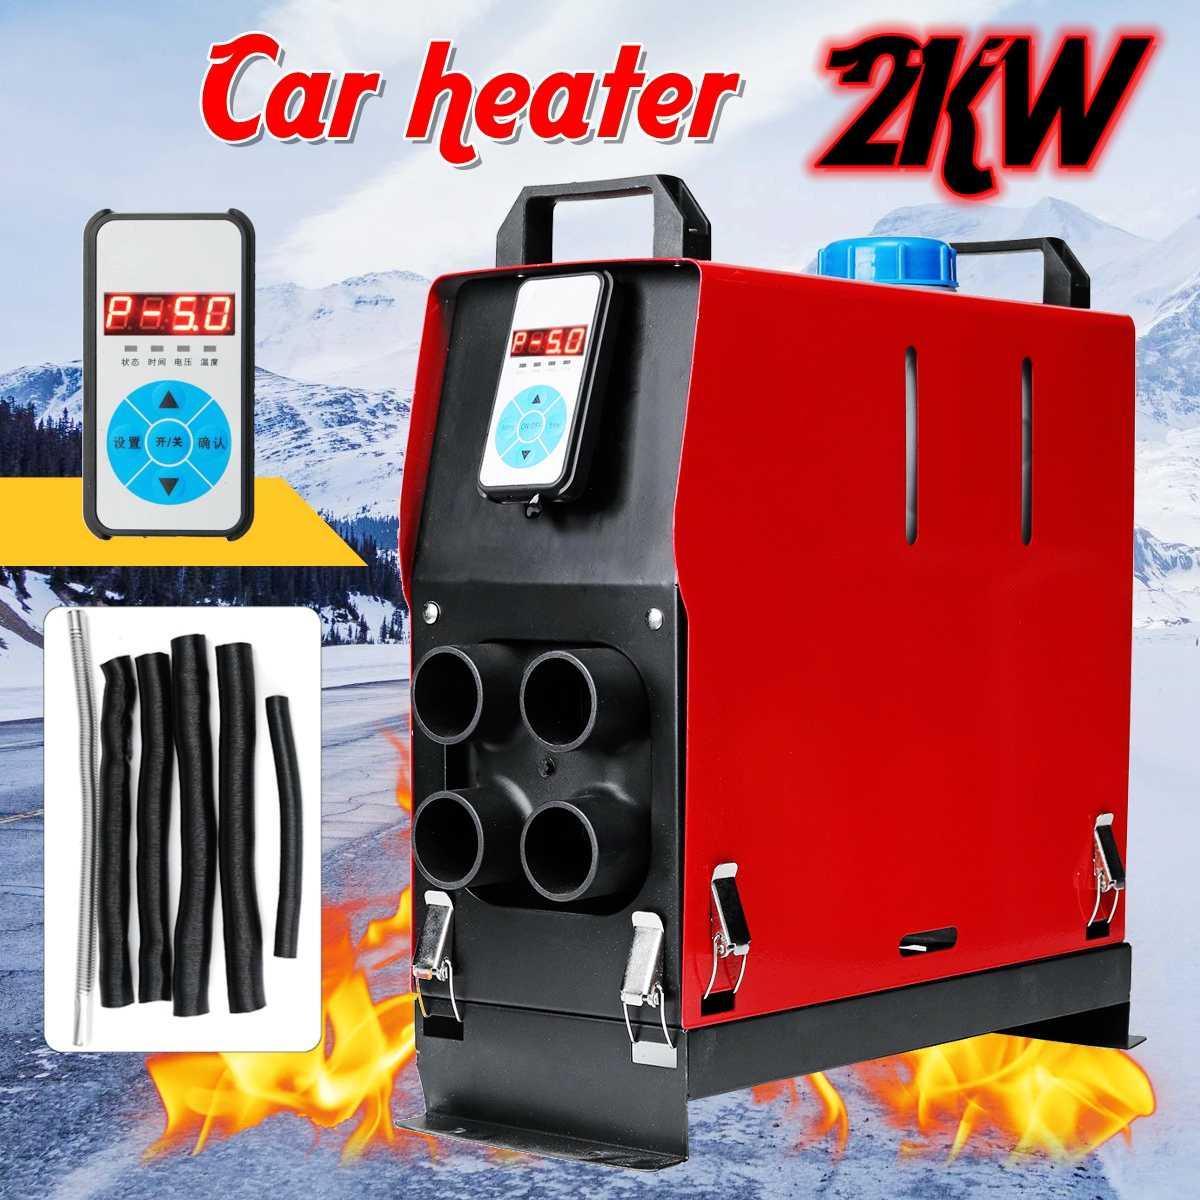 2KW 12 v Integrazione 4 Fori di Aria Diesel riscaldatore di parcheggio aria riscaldatore 2000 w interruttore Digitale interruttore di Riscaldamento Dell'automobile All In One risparmio di Spazio